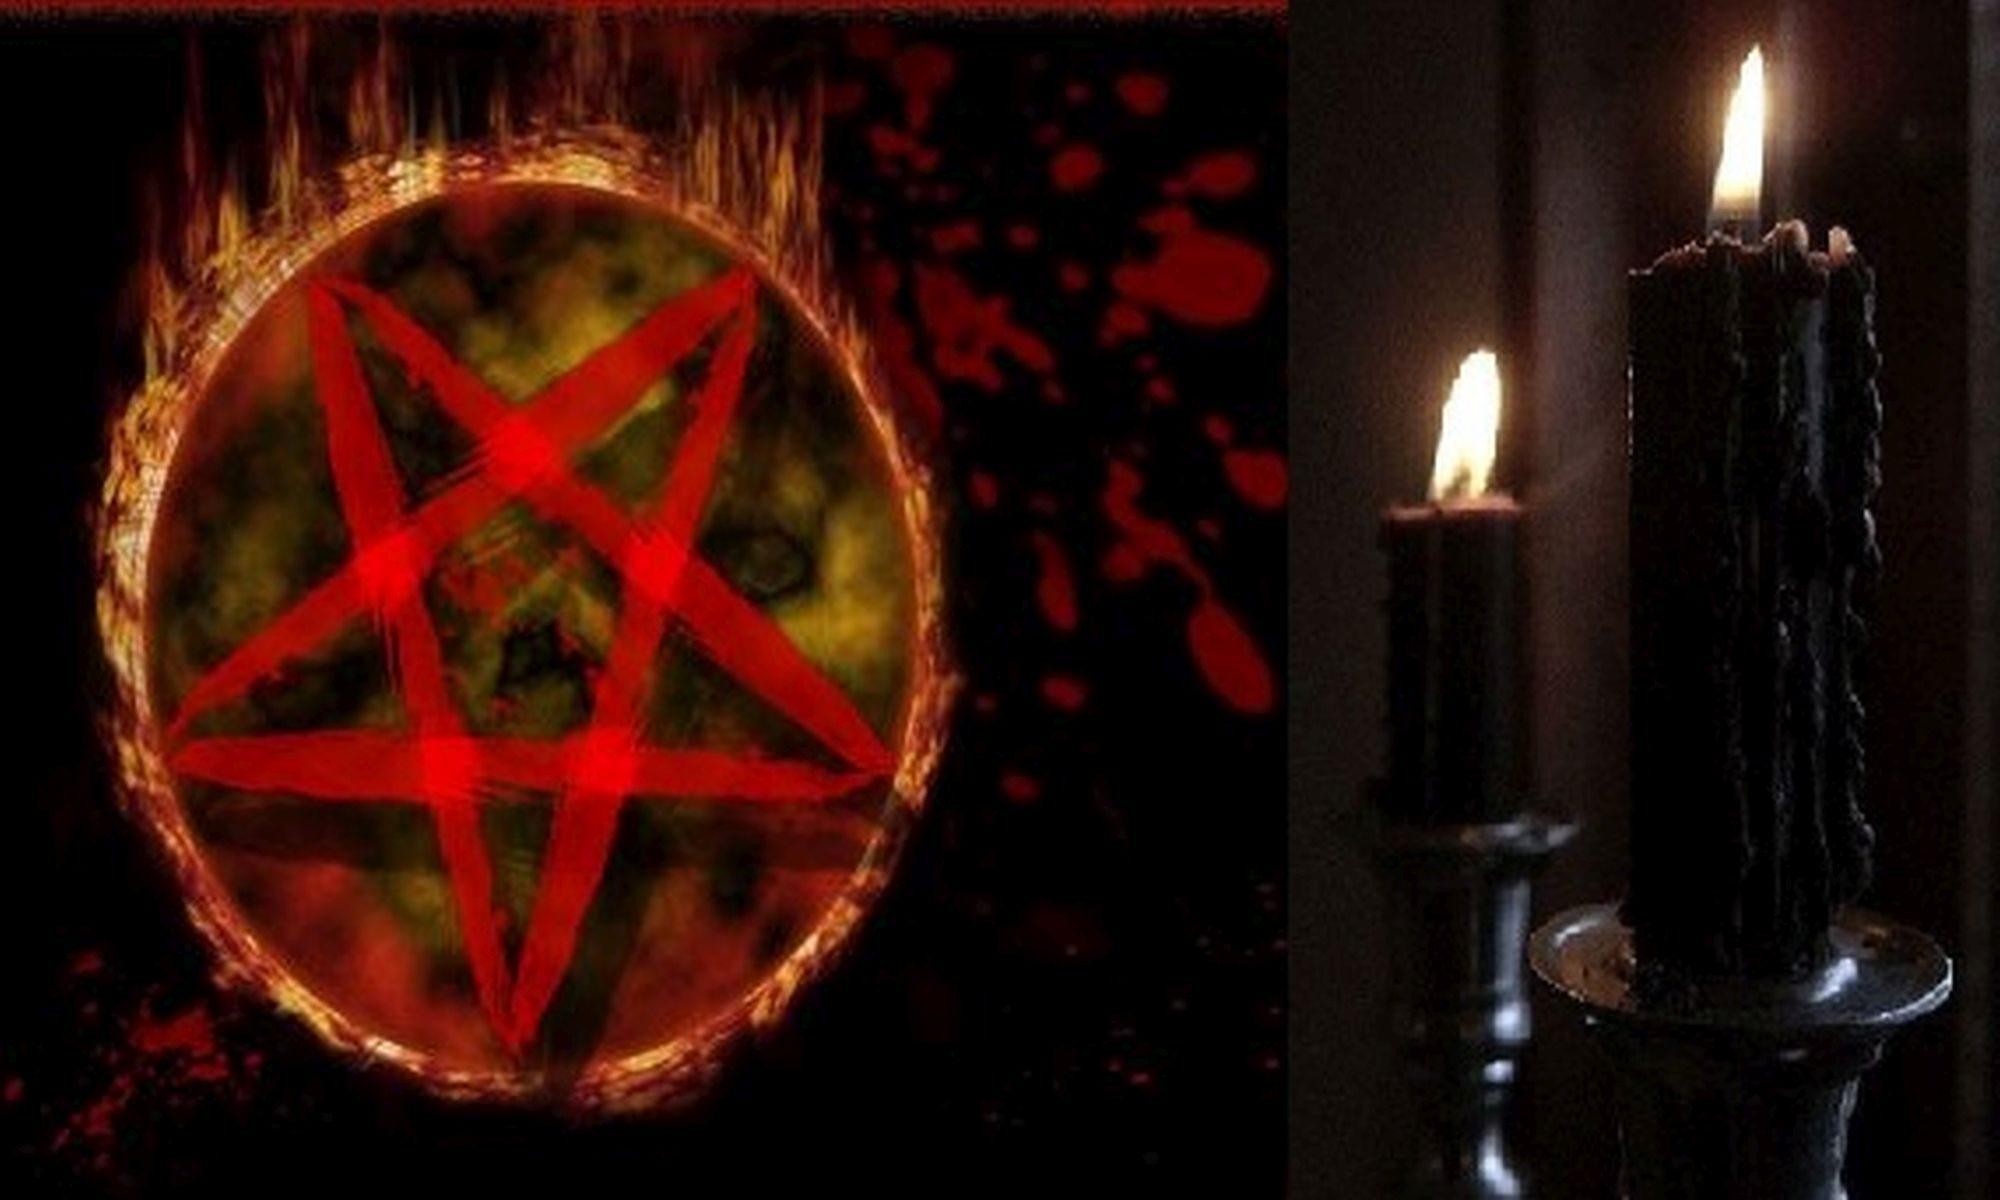 Amarrações, magia negra, trabalhos de magia negra, vidência, necromancia, bruxarias de são Cipriano,